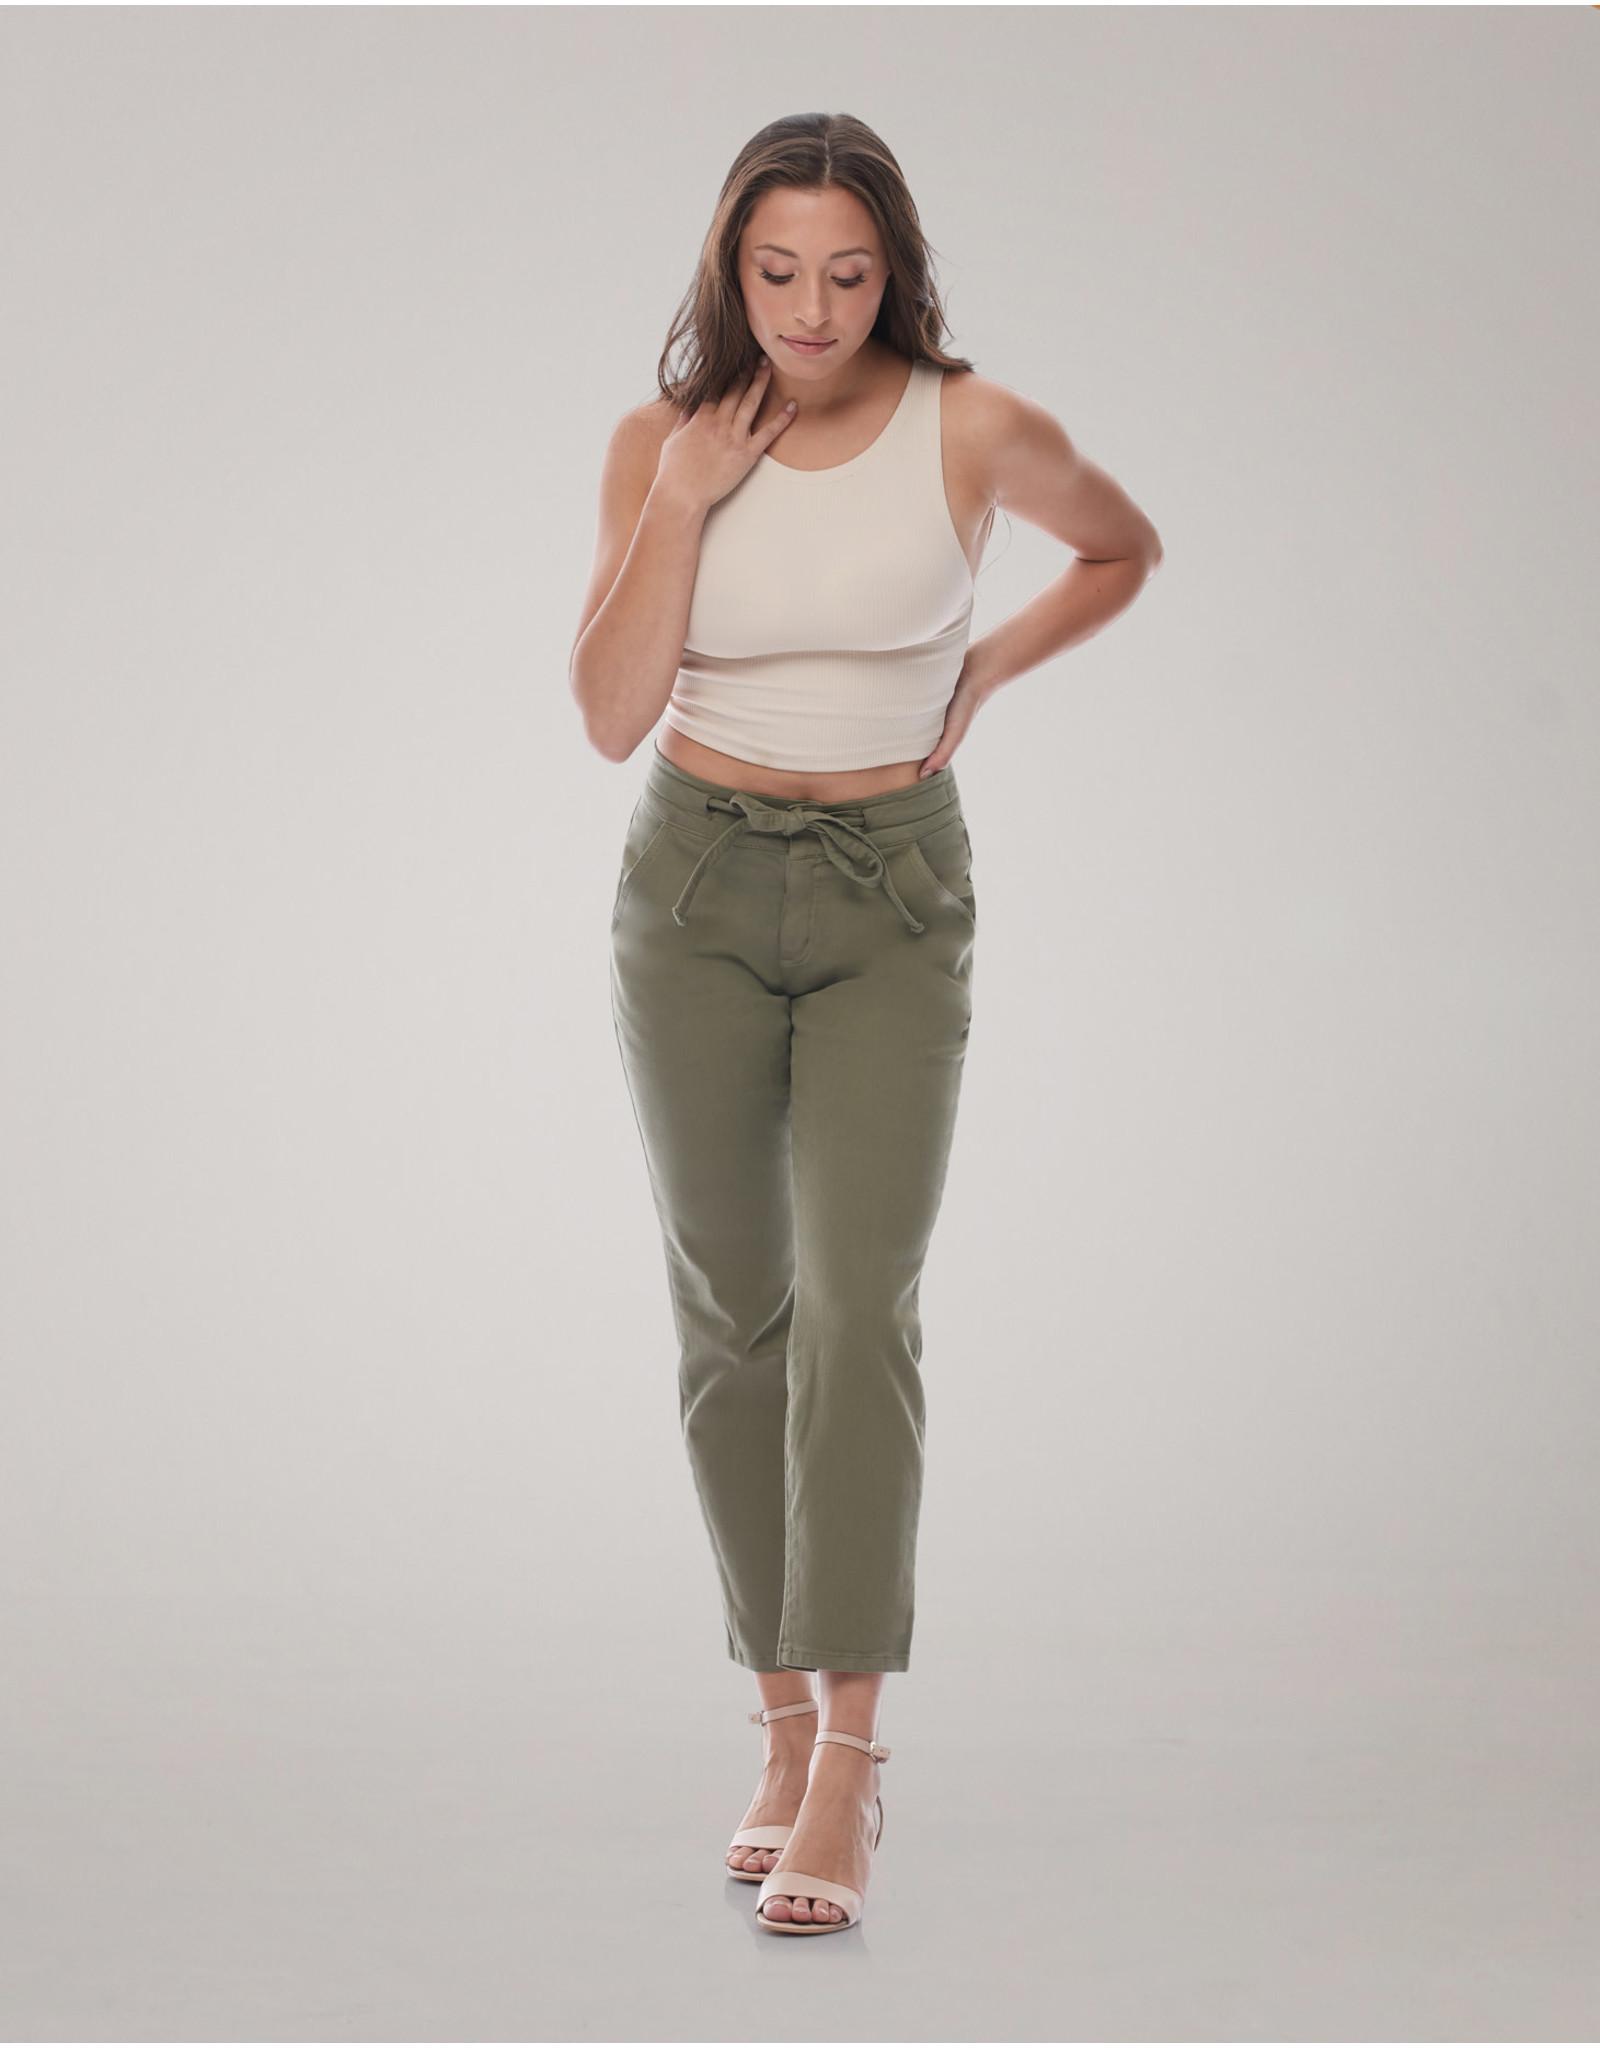 Yoga Jeans Yoga Jeans 2047CO Malia